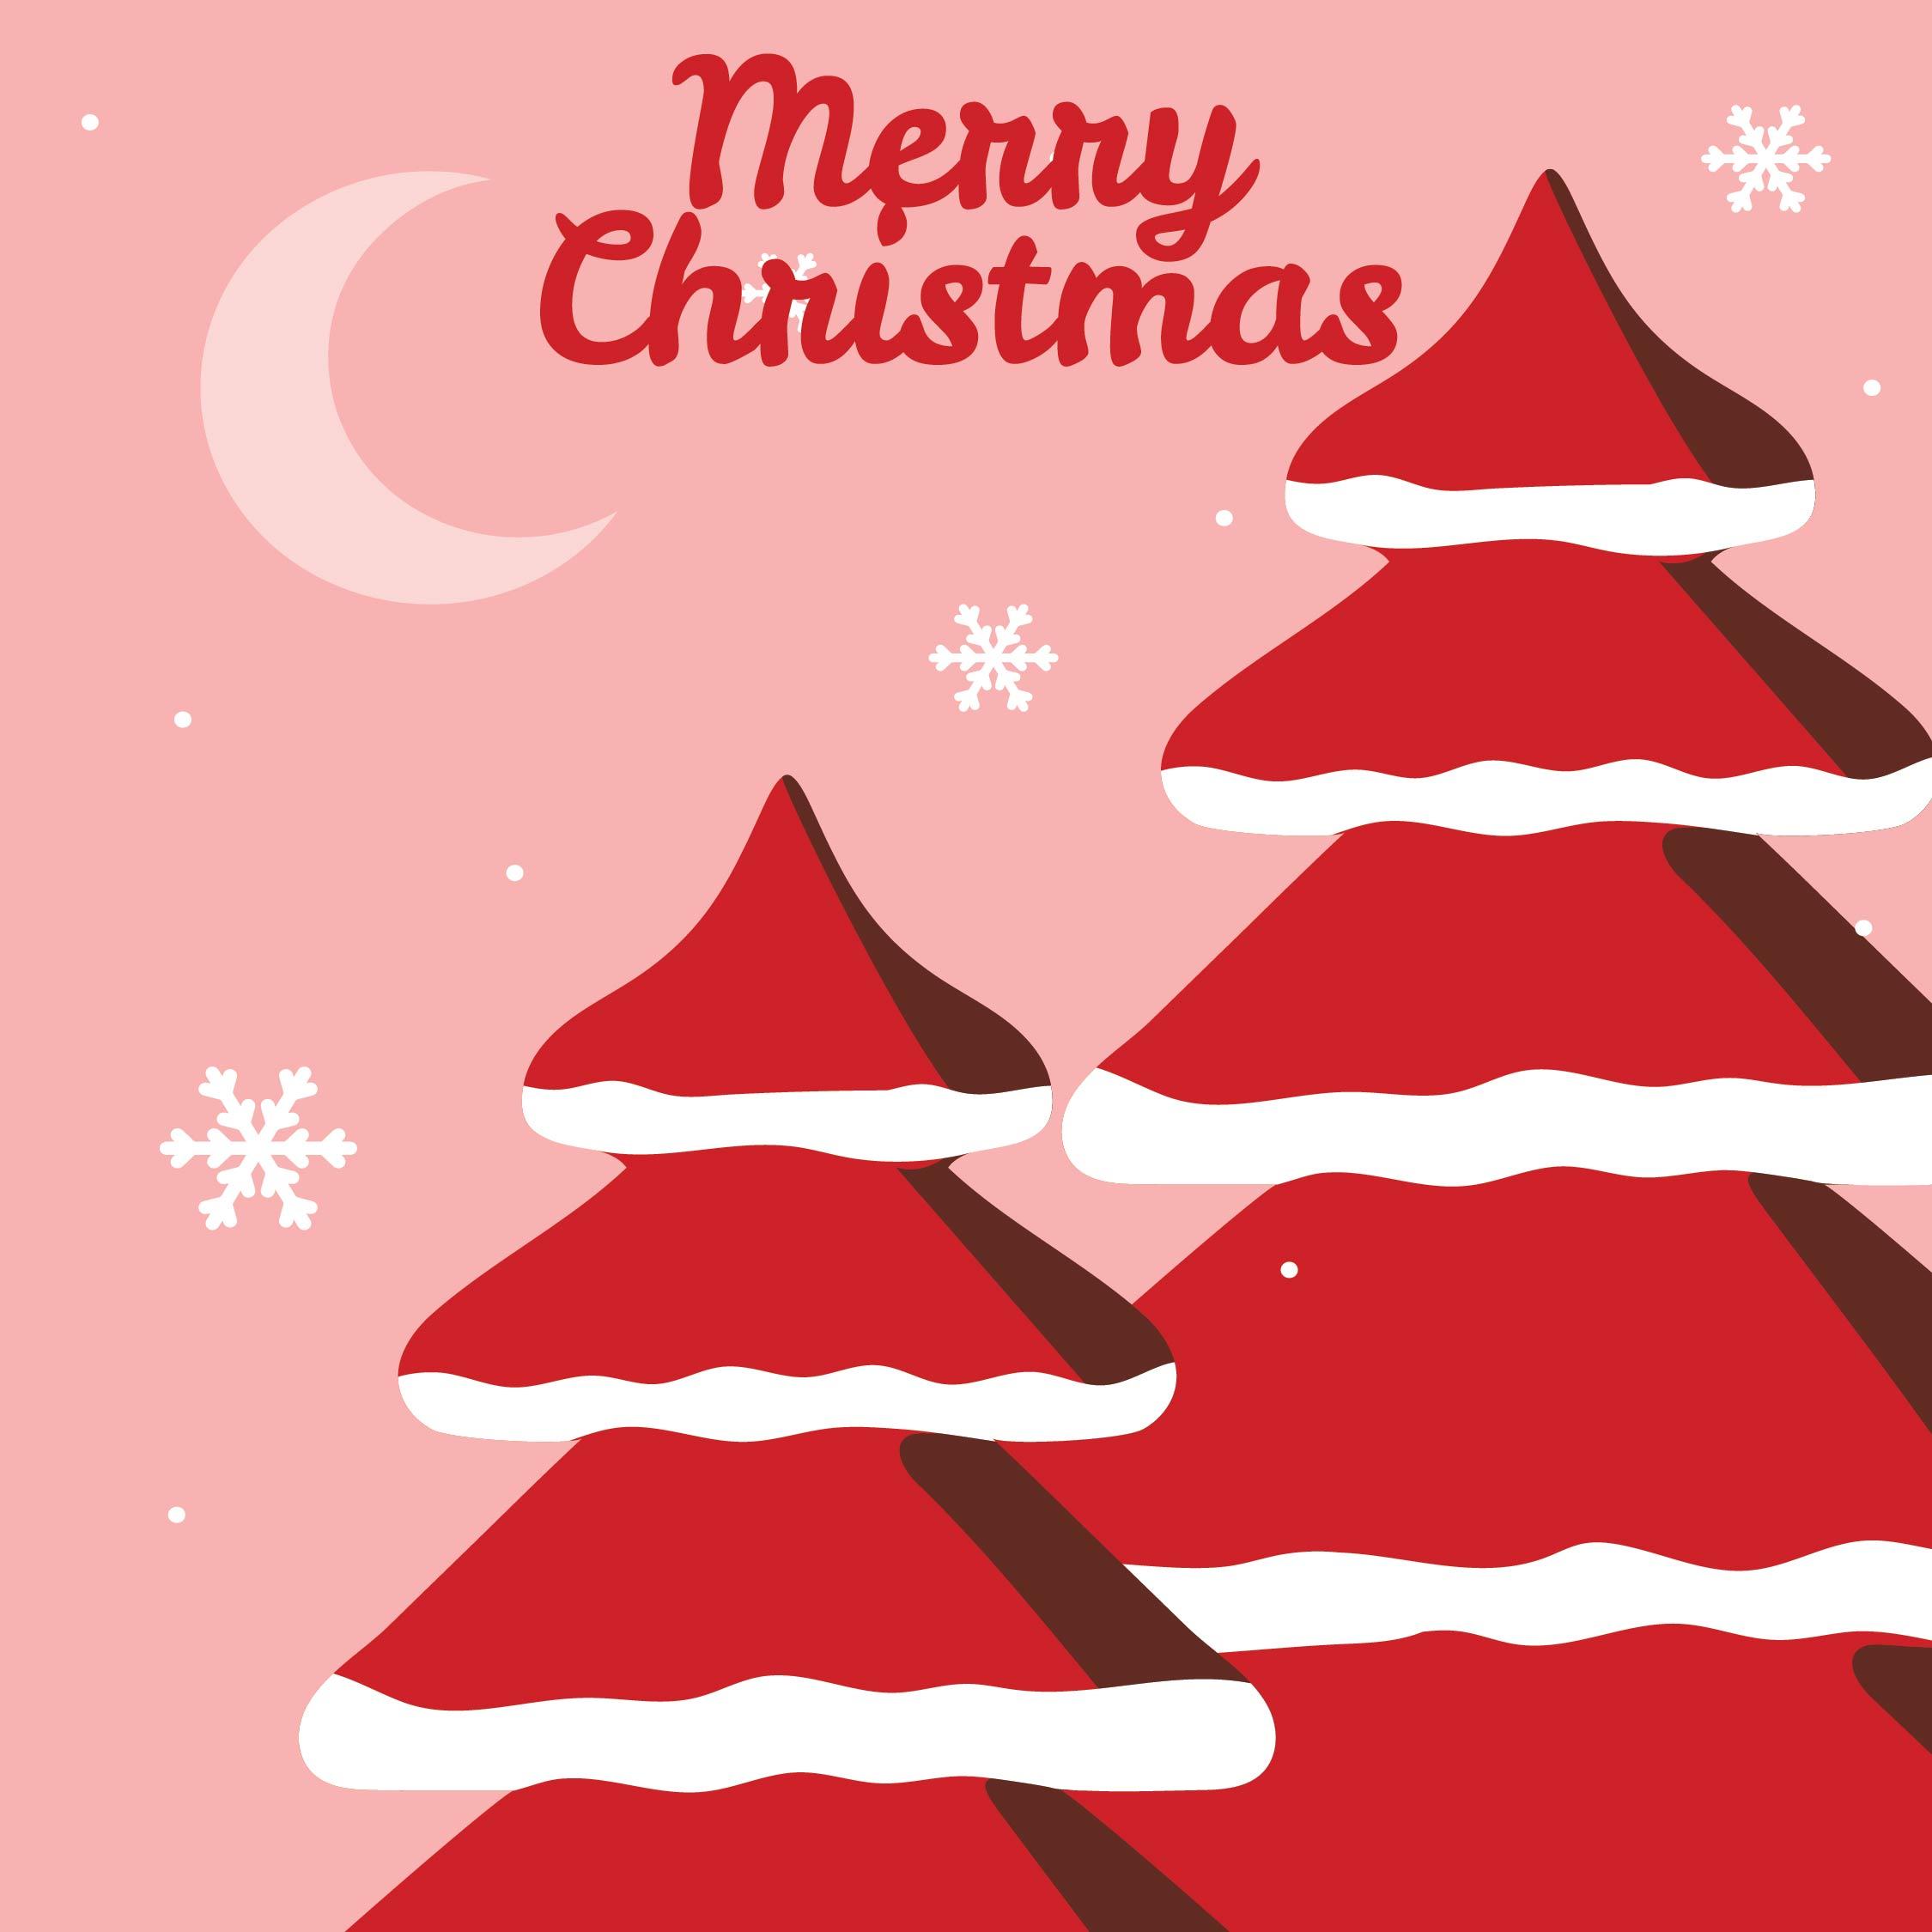 6 Images of Free Printable Snowflake Christmas Card